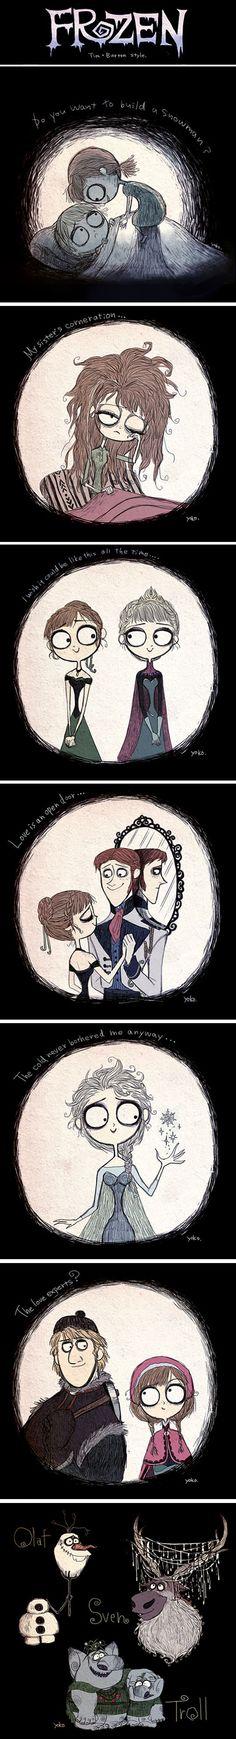 Frozen, Tim Burton style.